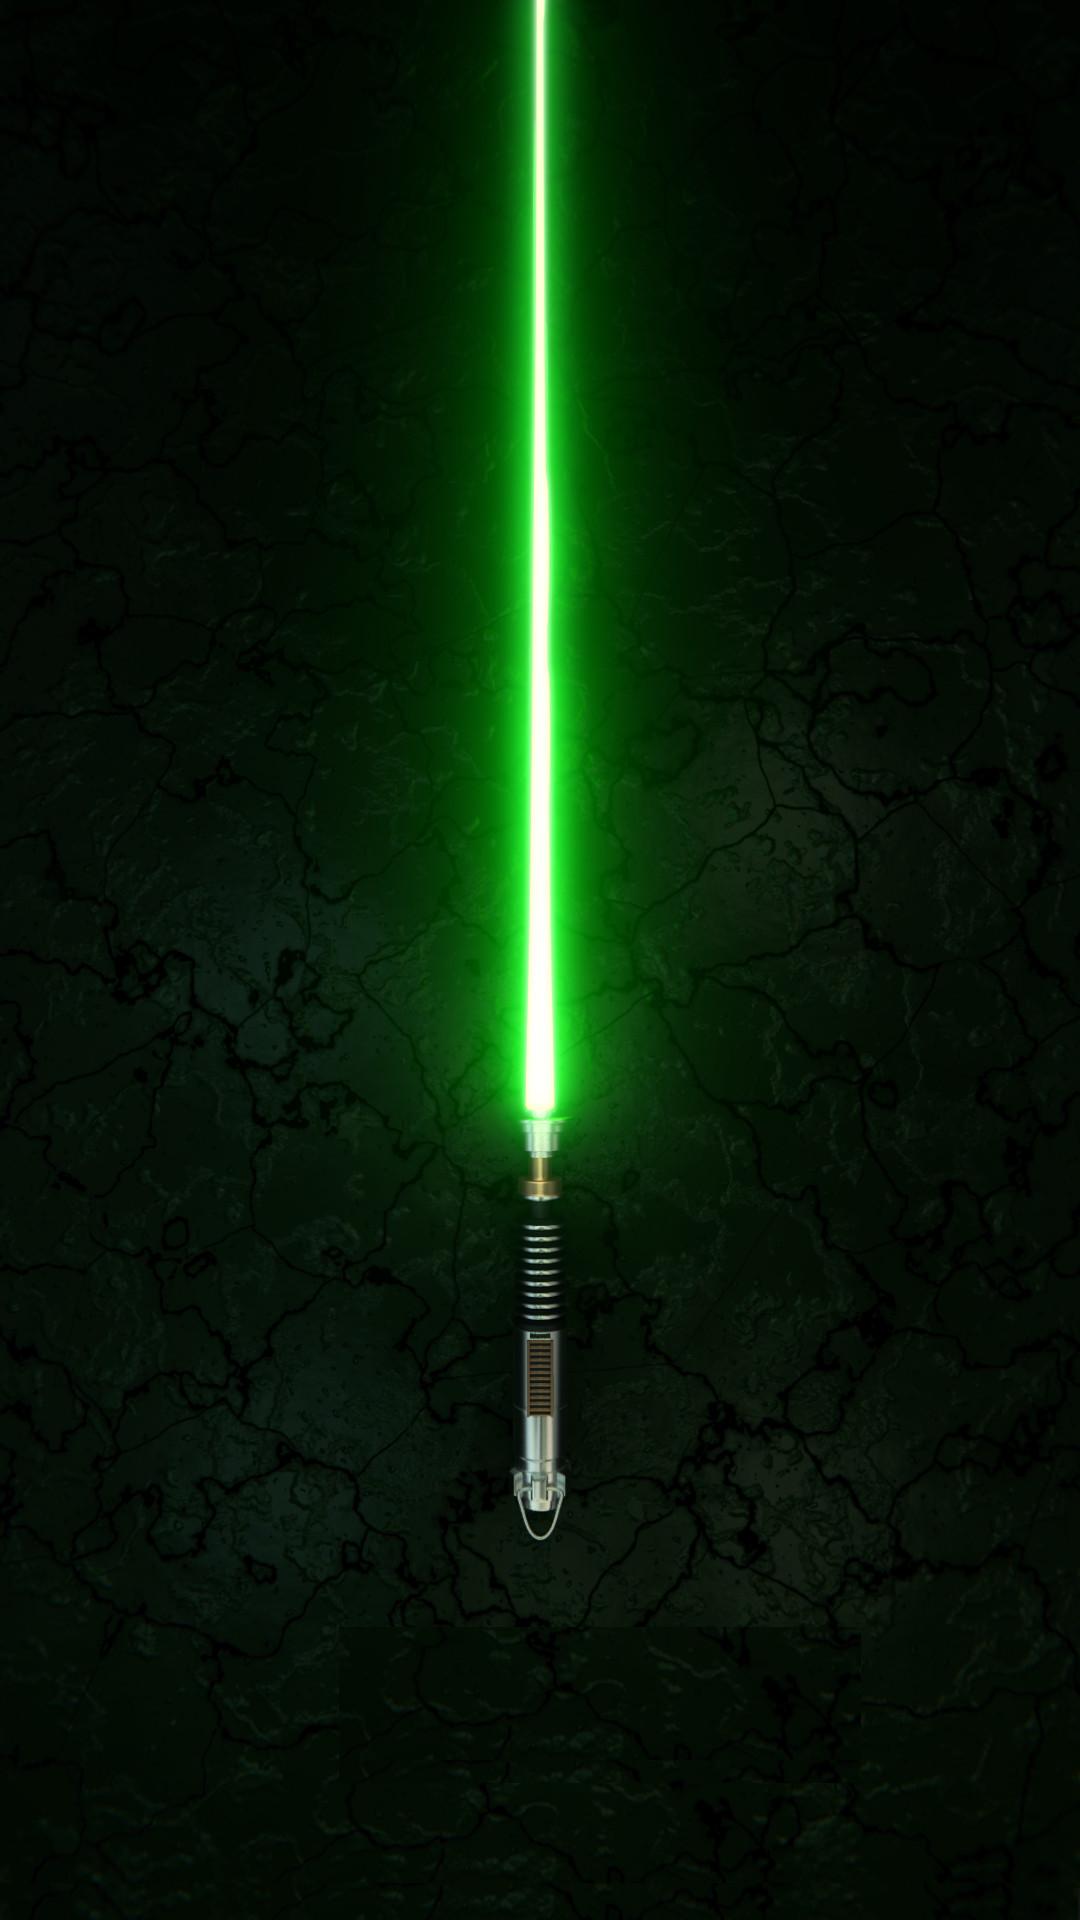 1377448 lightsaber wallpaper 1080x1920 meizu